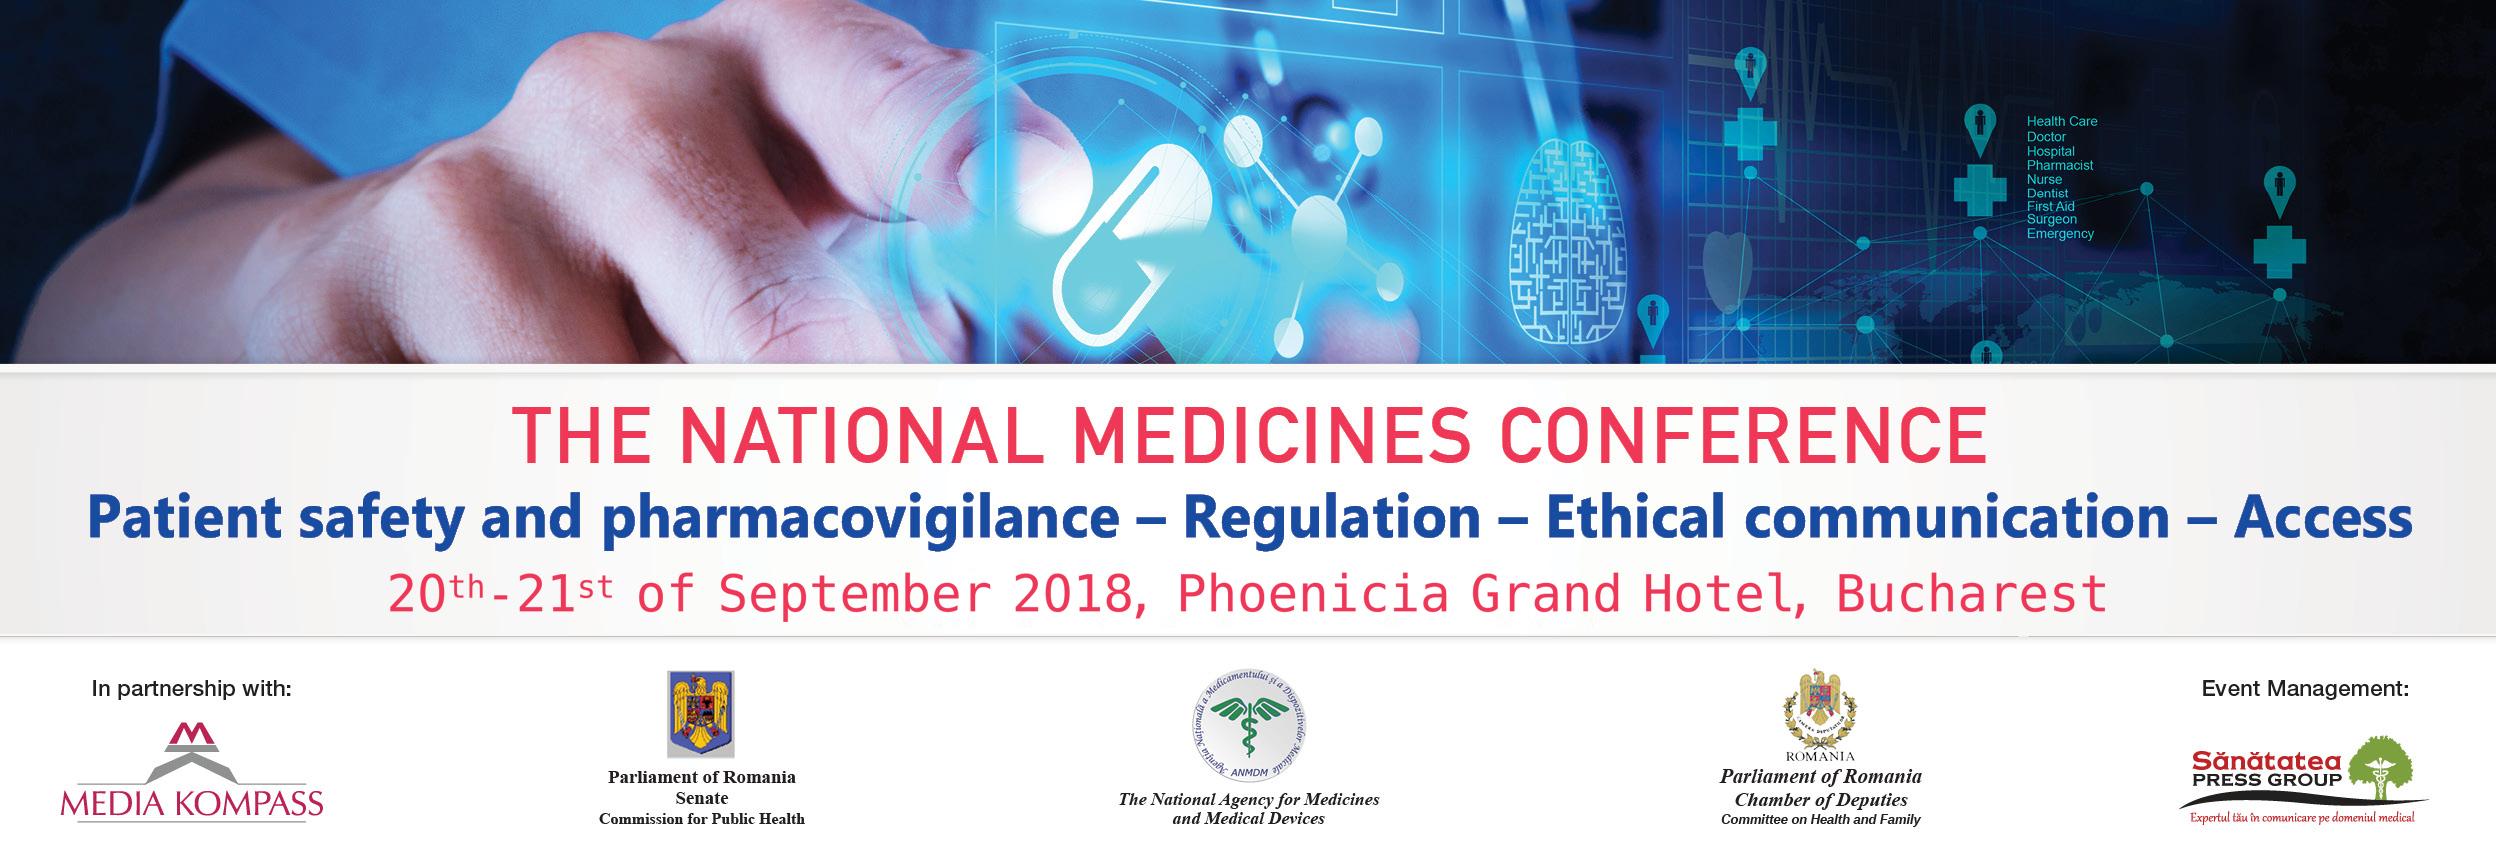 conferinta-nationala-a-medicamentului_en